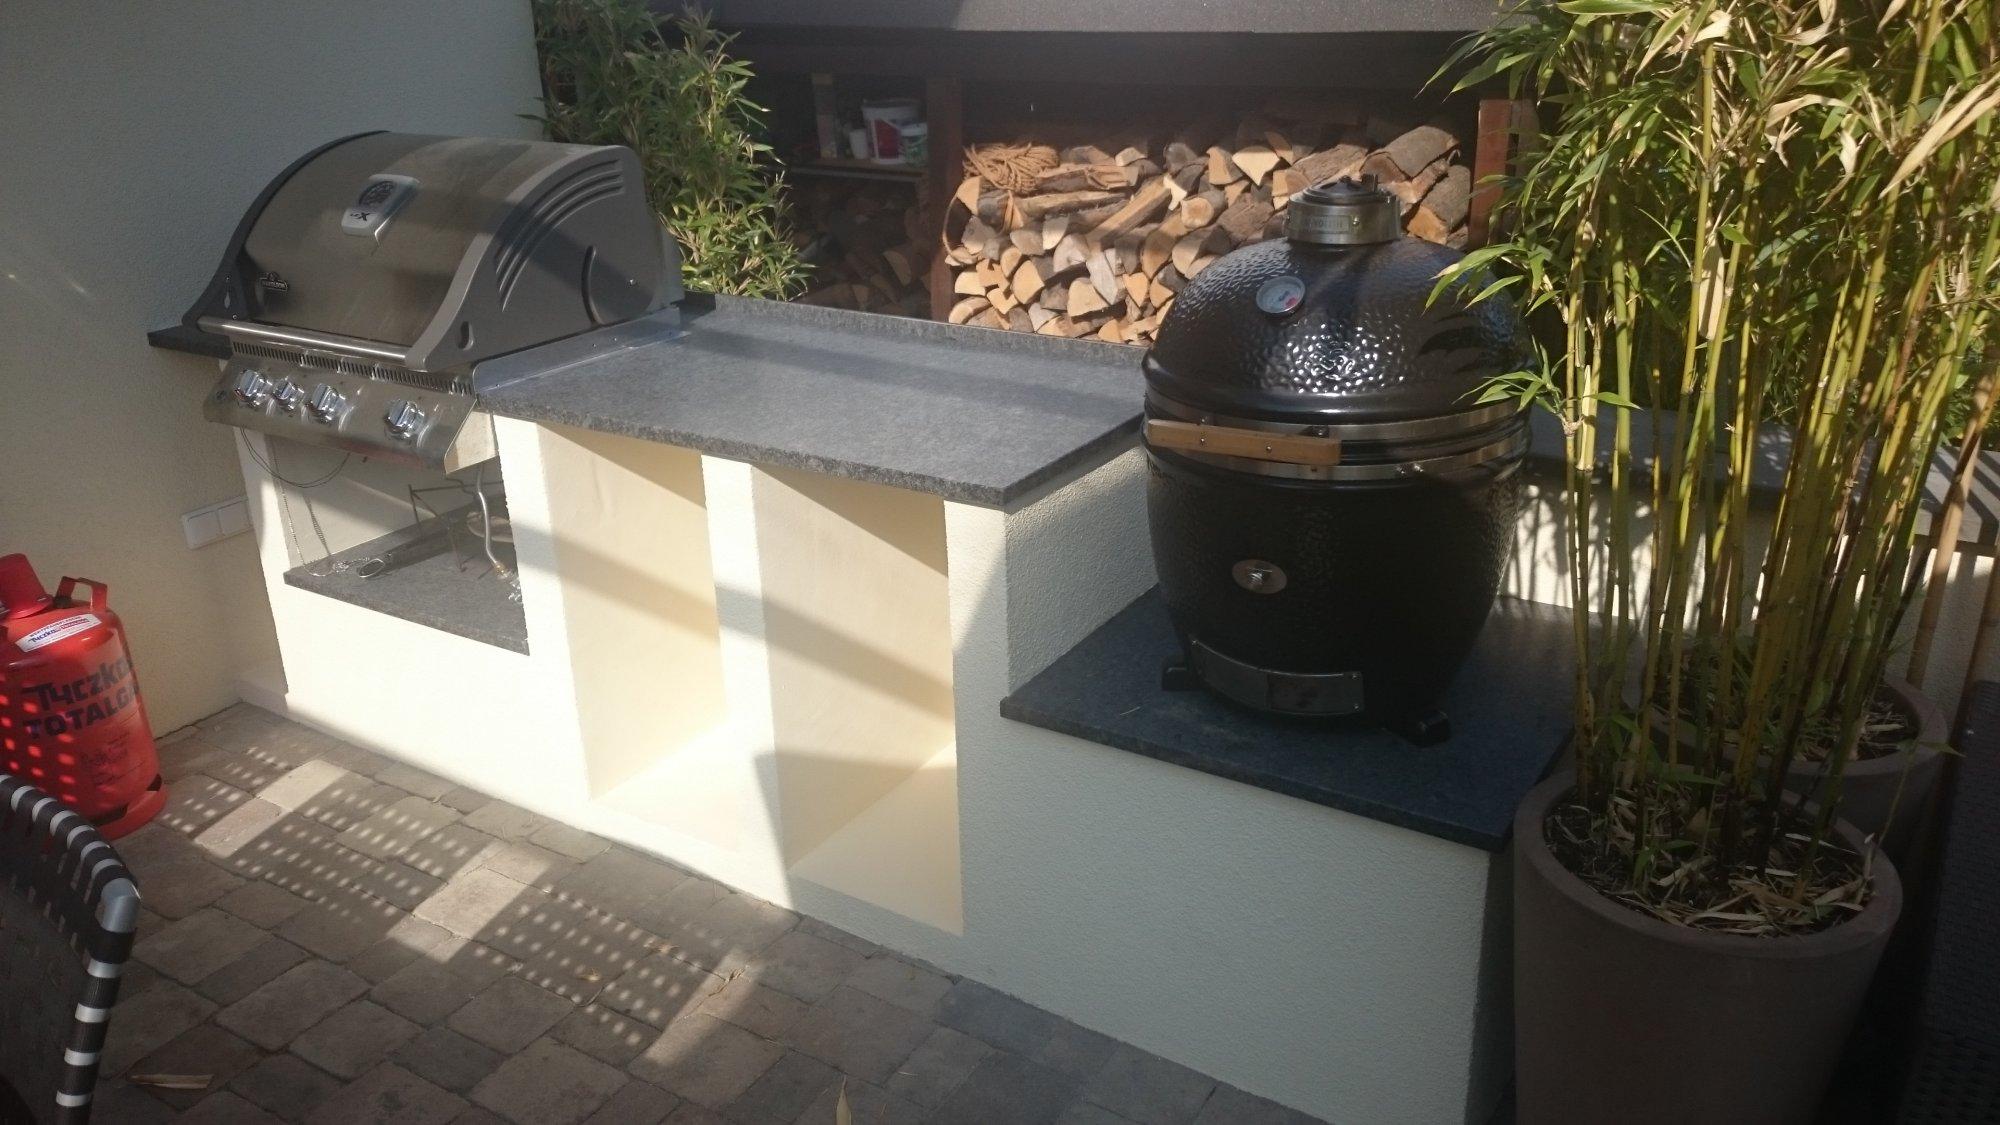 Outdoor Küche Verputzen : Kleine outdoorküche grillforum und bbq grillsportverein